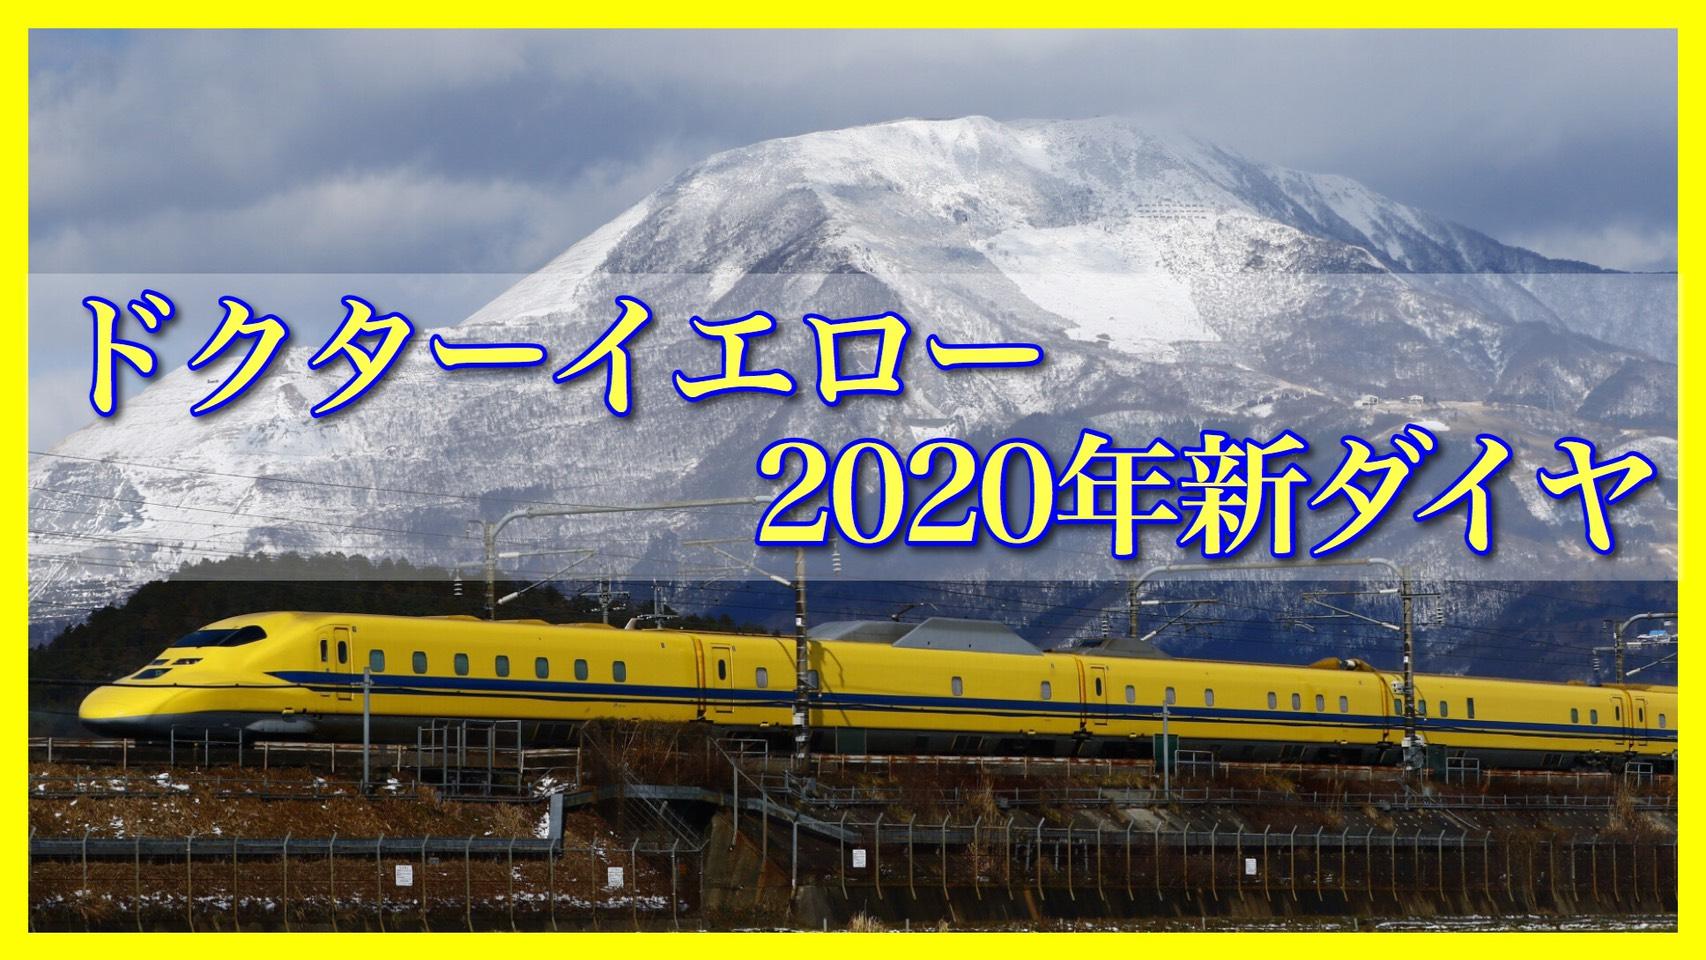 2020 月 1 ドクター イエロー 日 運行